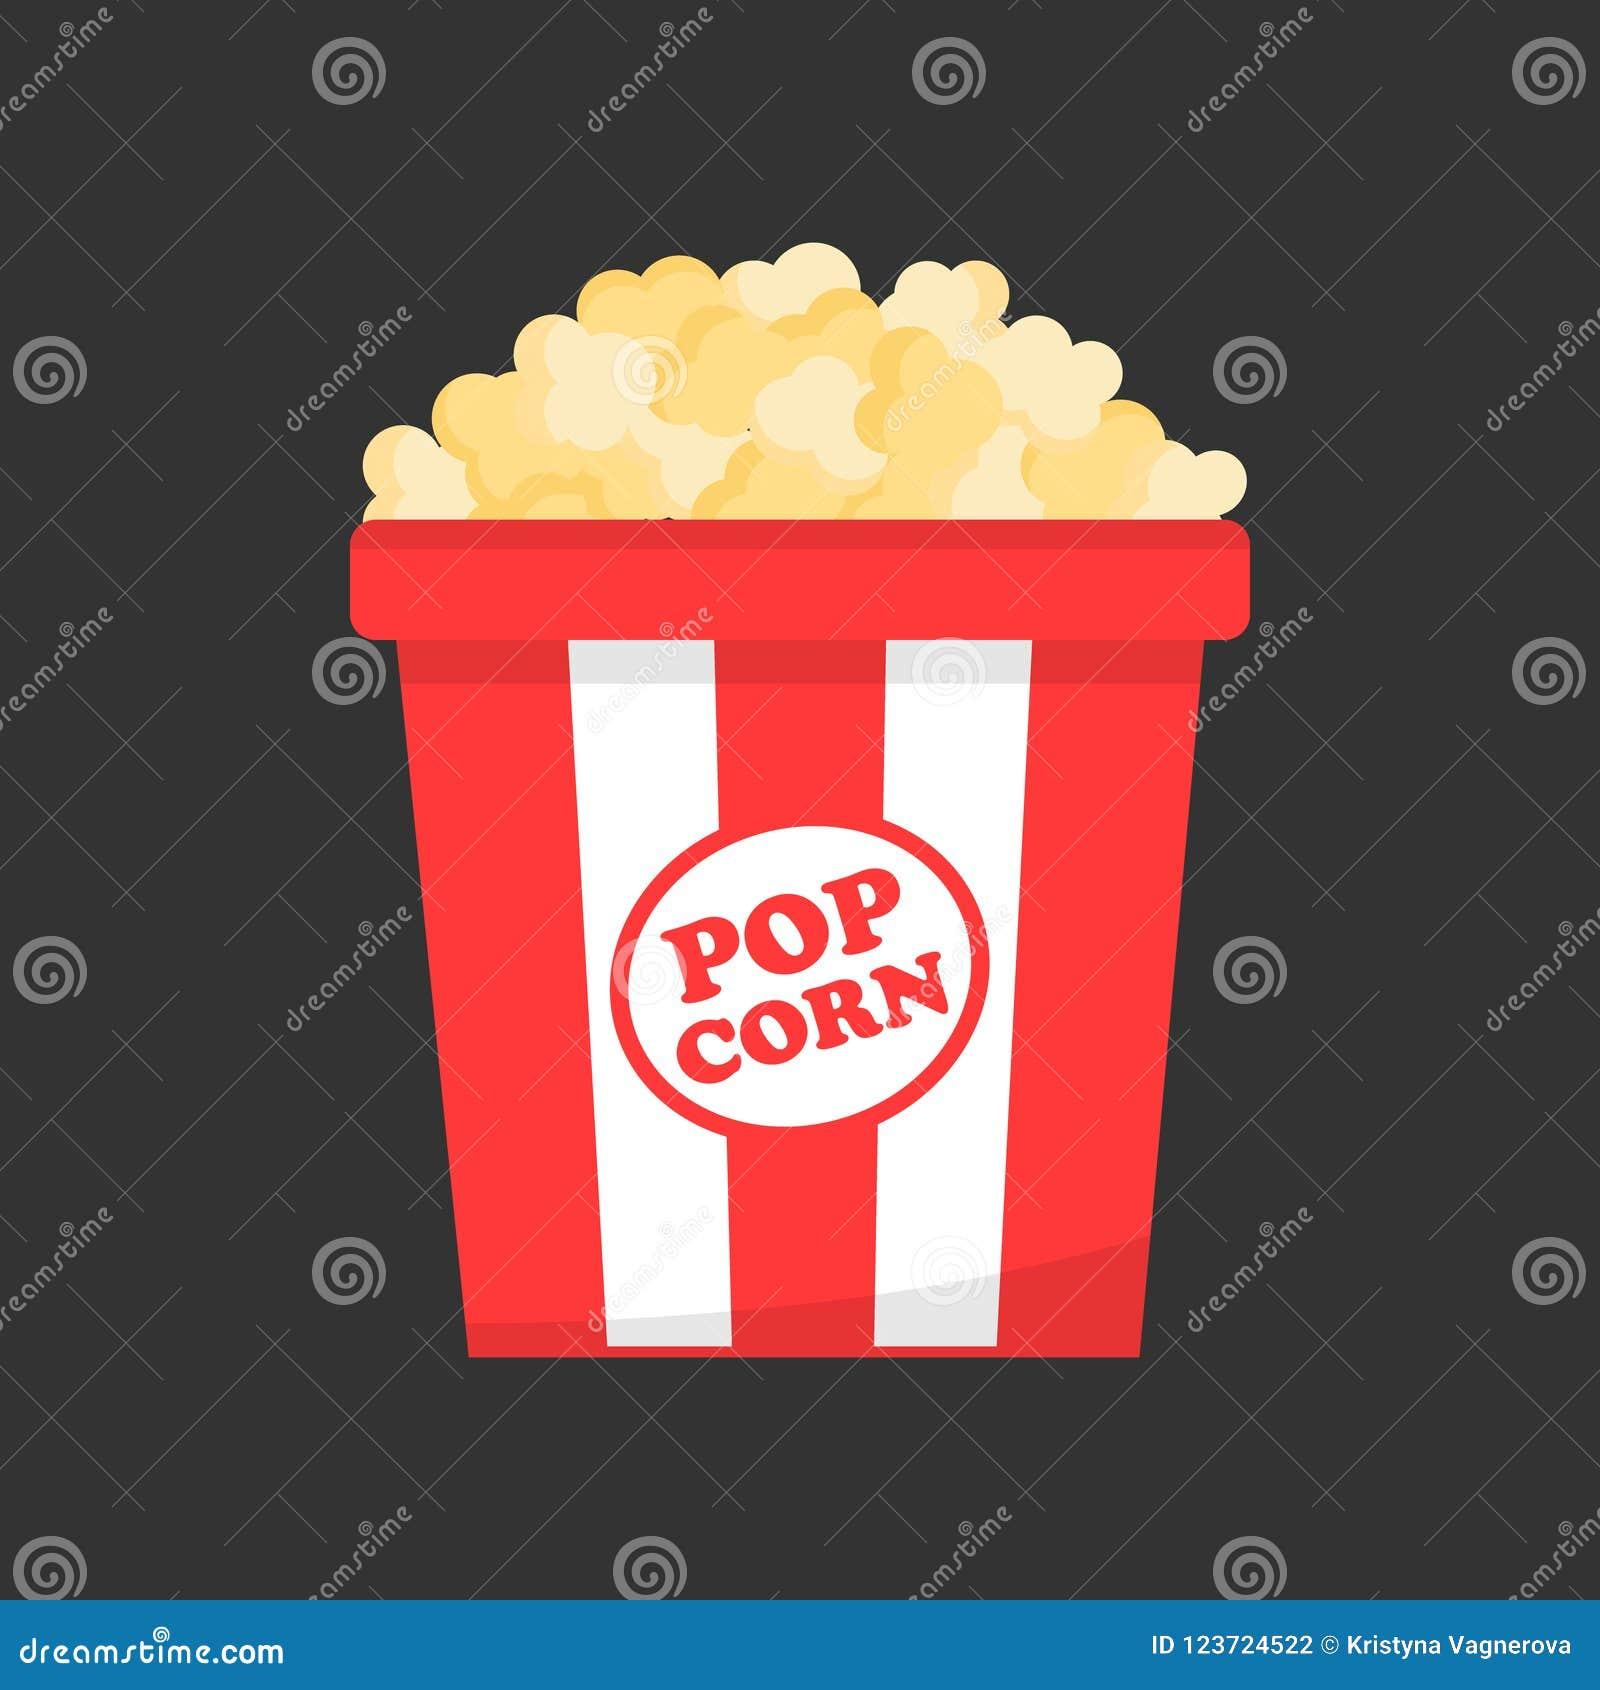 Popcorn in paper box vector icon